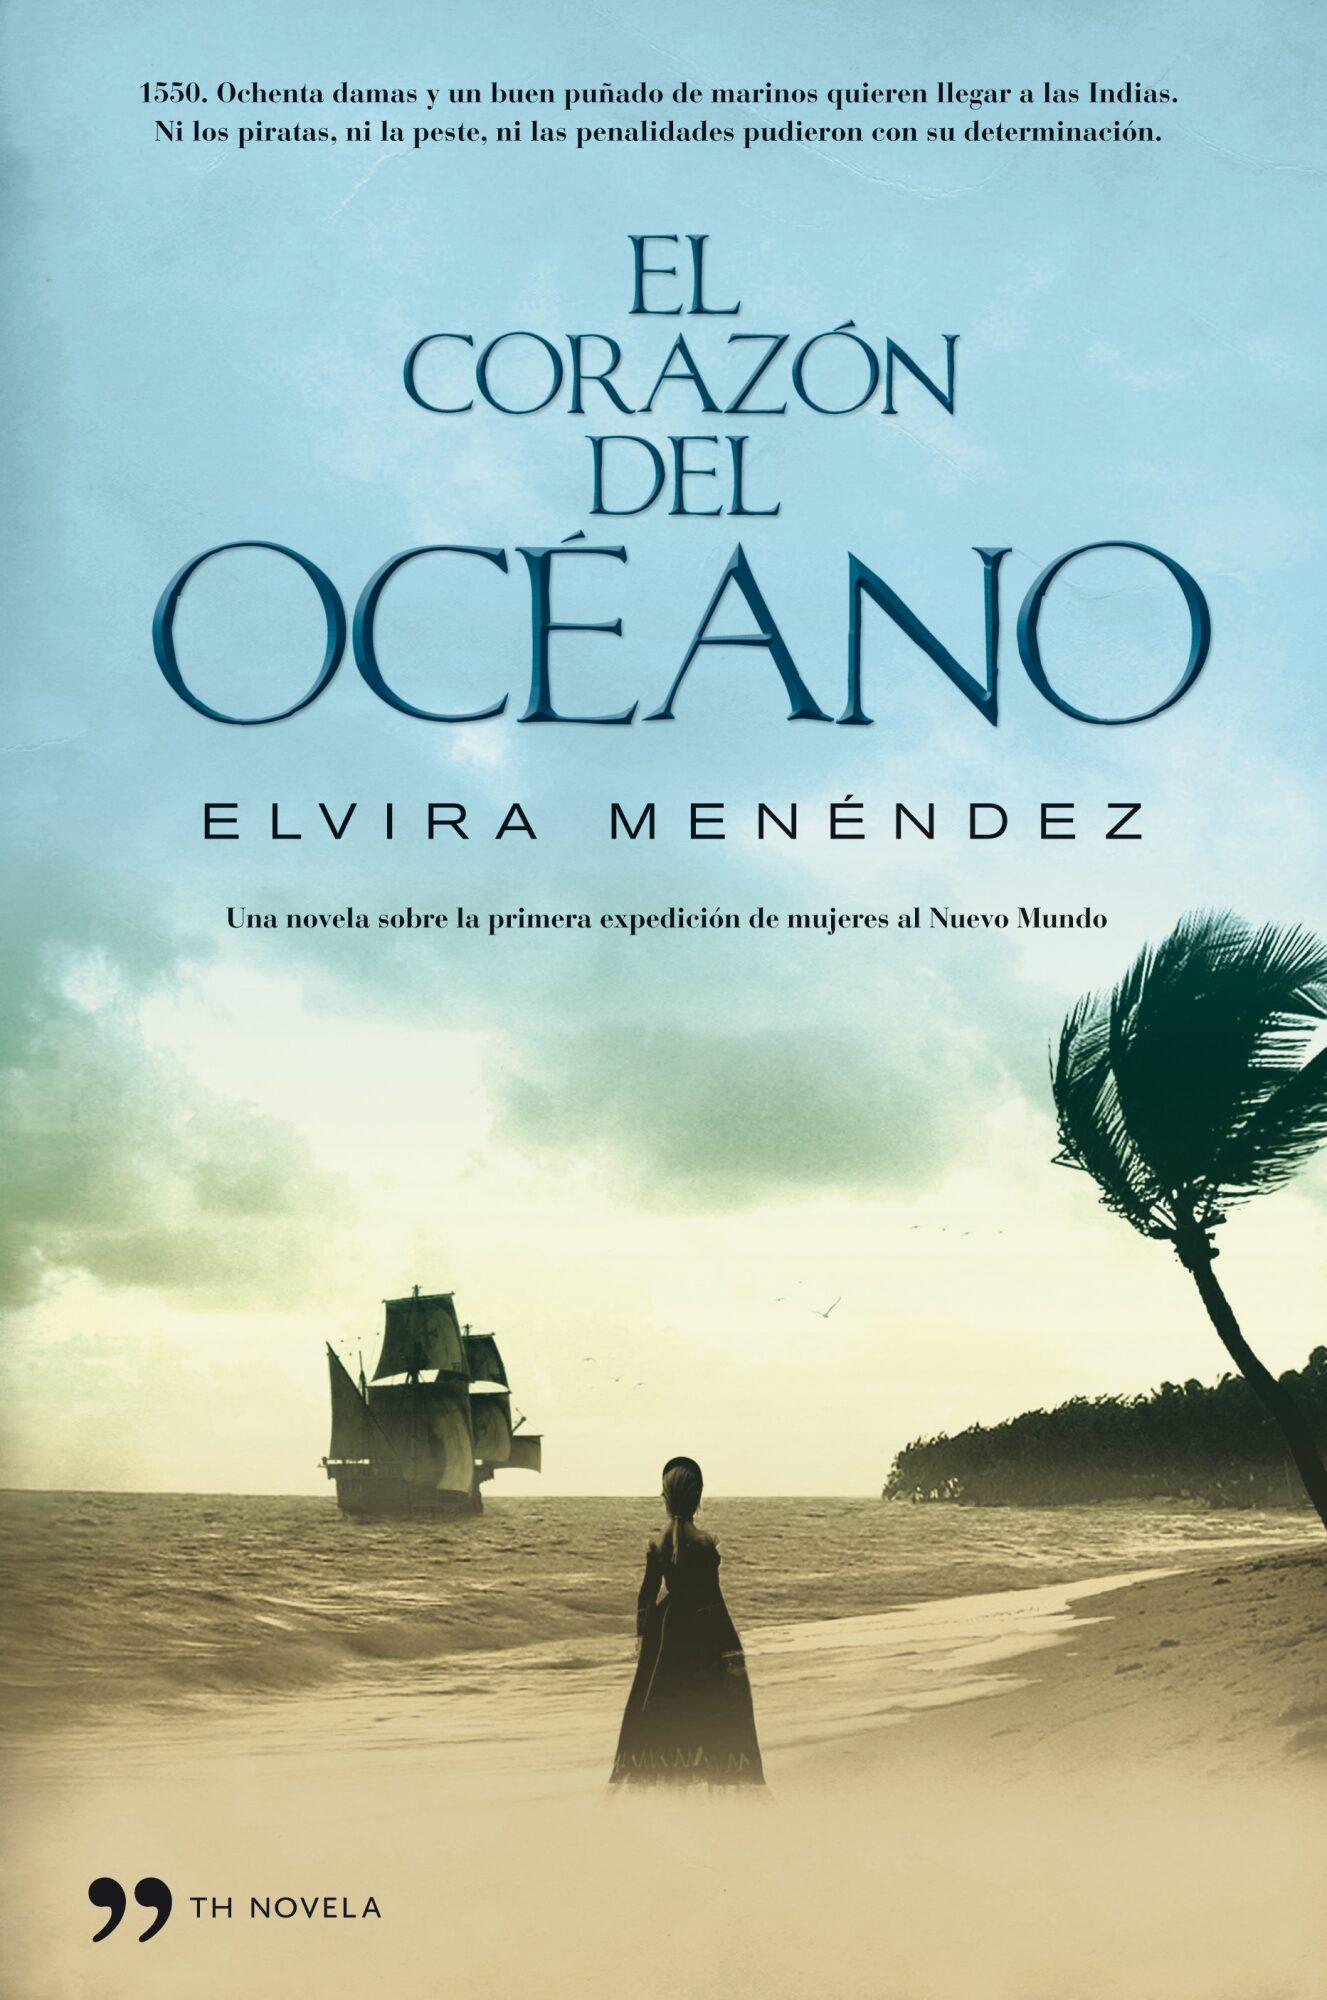 El Corazon Del Oceano: Una Novela Sobre La Primera Expedicion De Mujeres Al Nuevo Mundo por Elvira Menendez epub